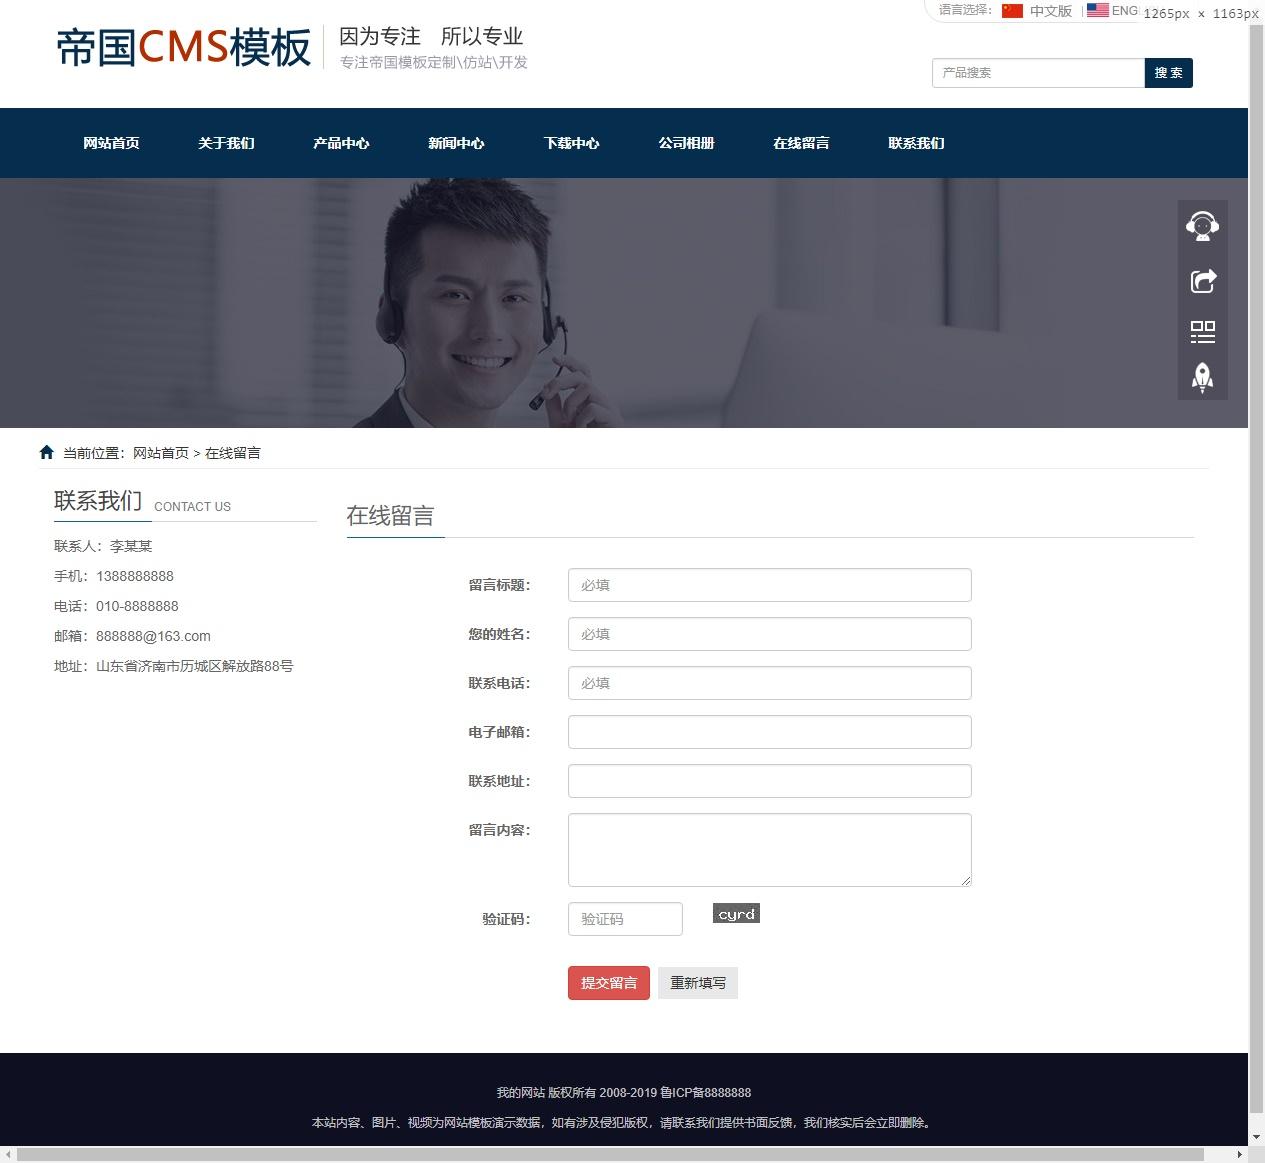 响应式自适应手机帝国cms中英文外贸企业网站模板_在线留言